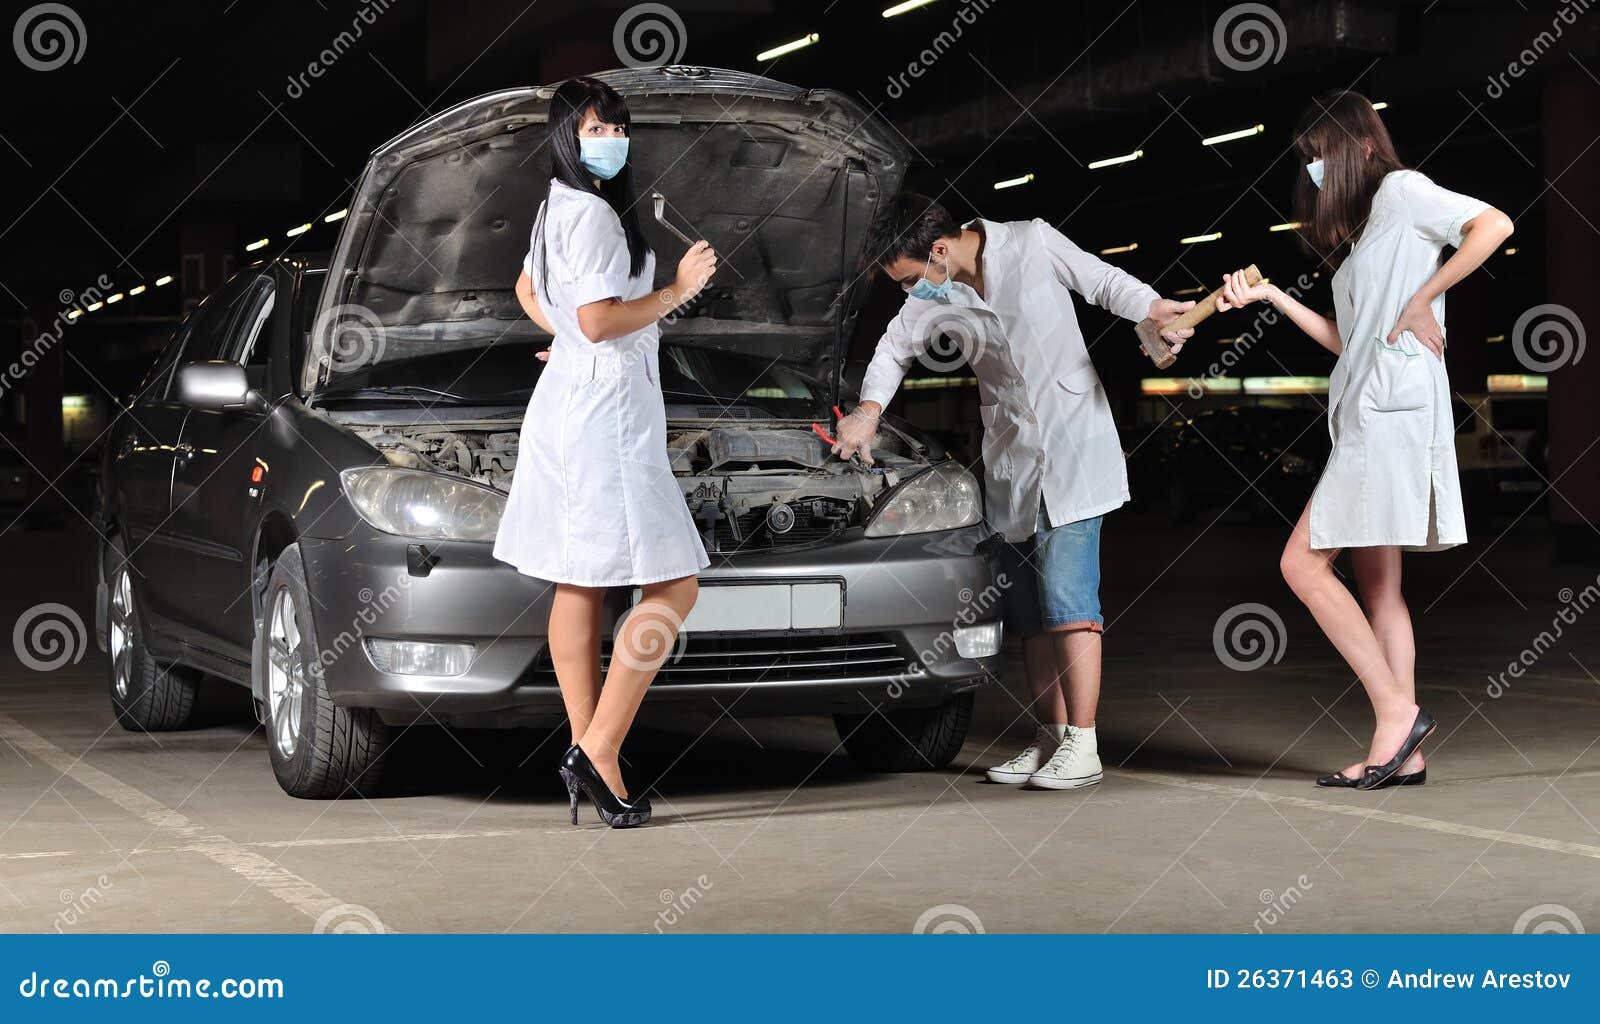 Der Doktor und die Krankenschwestern reparieren das Auto